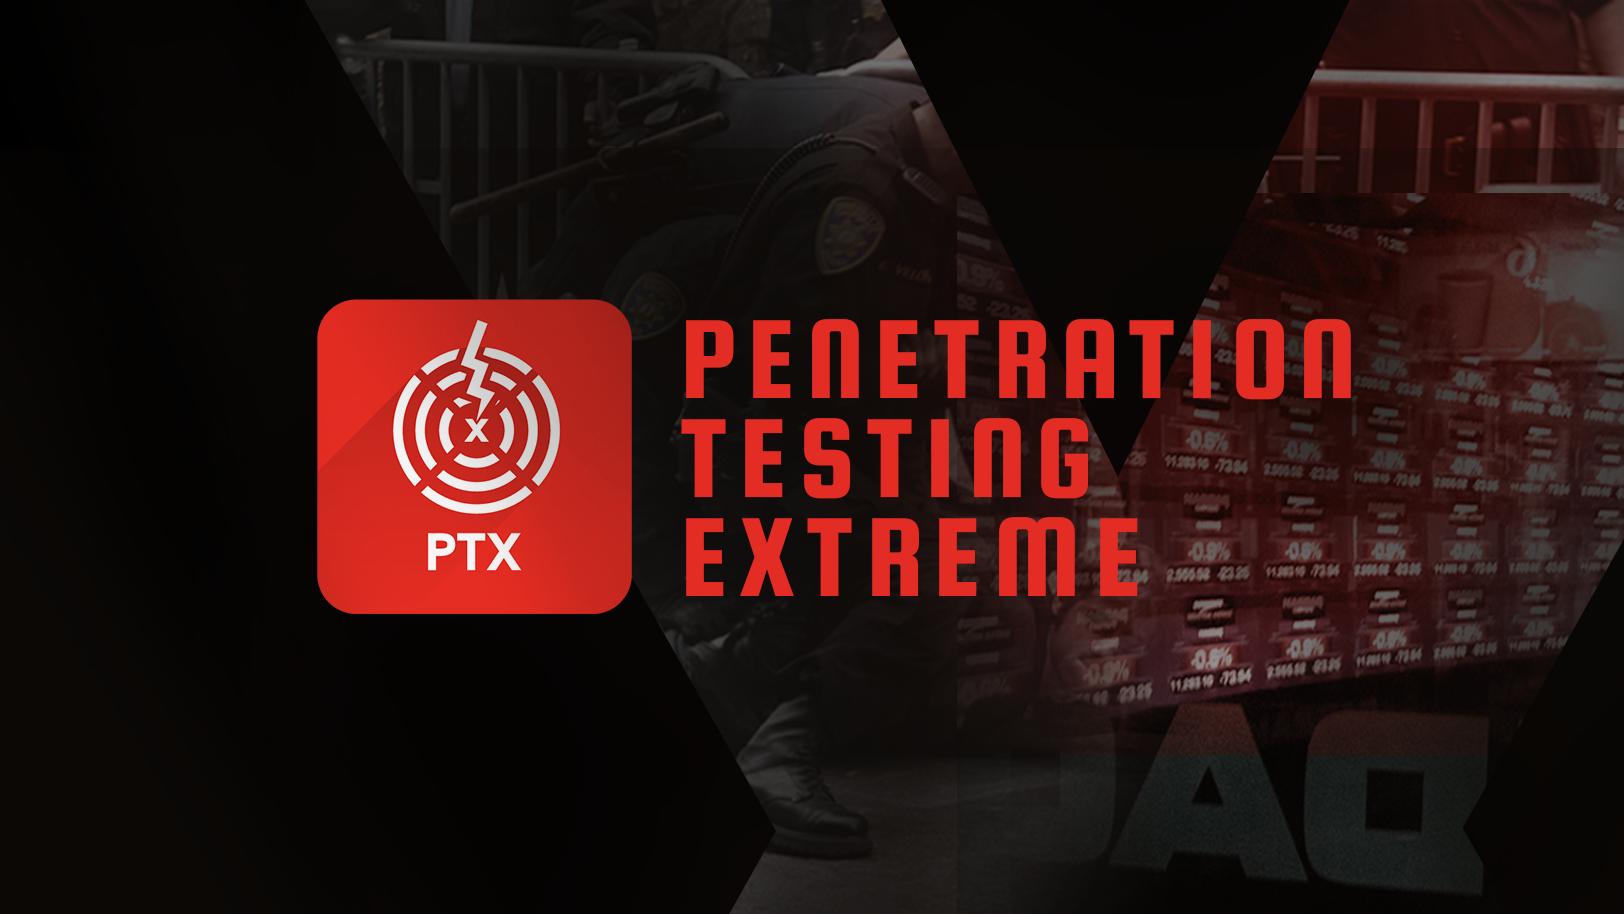 Penetration Testing eXtreme Training Course - PTX